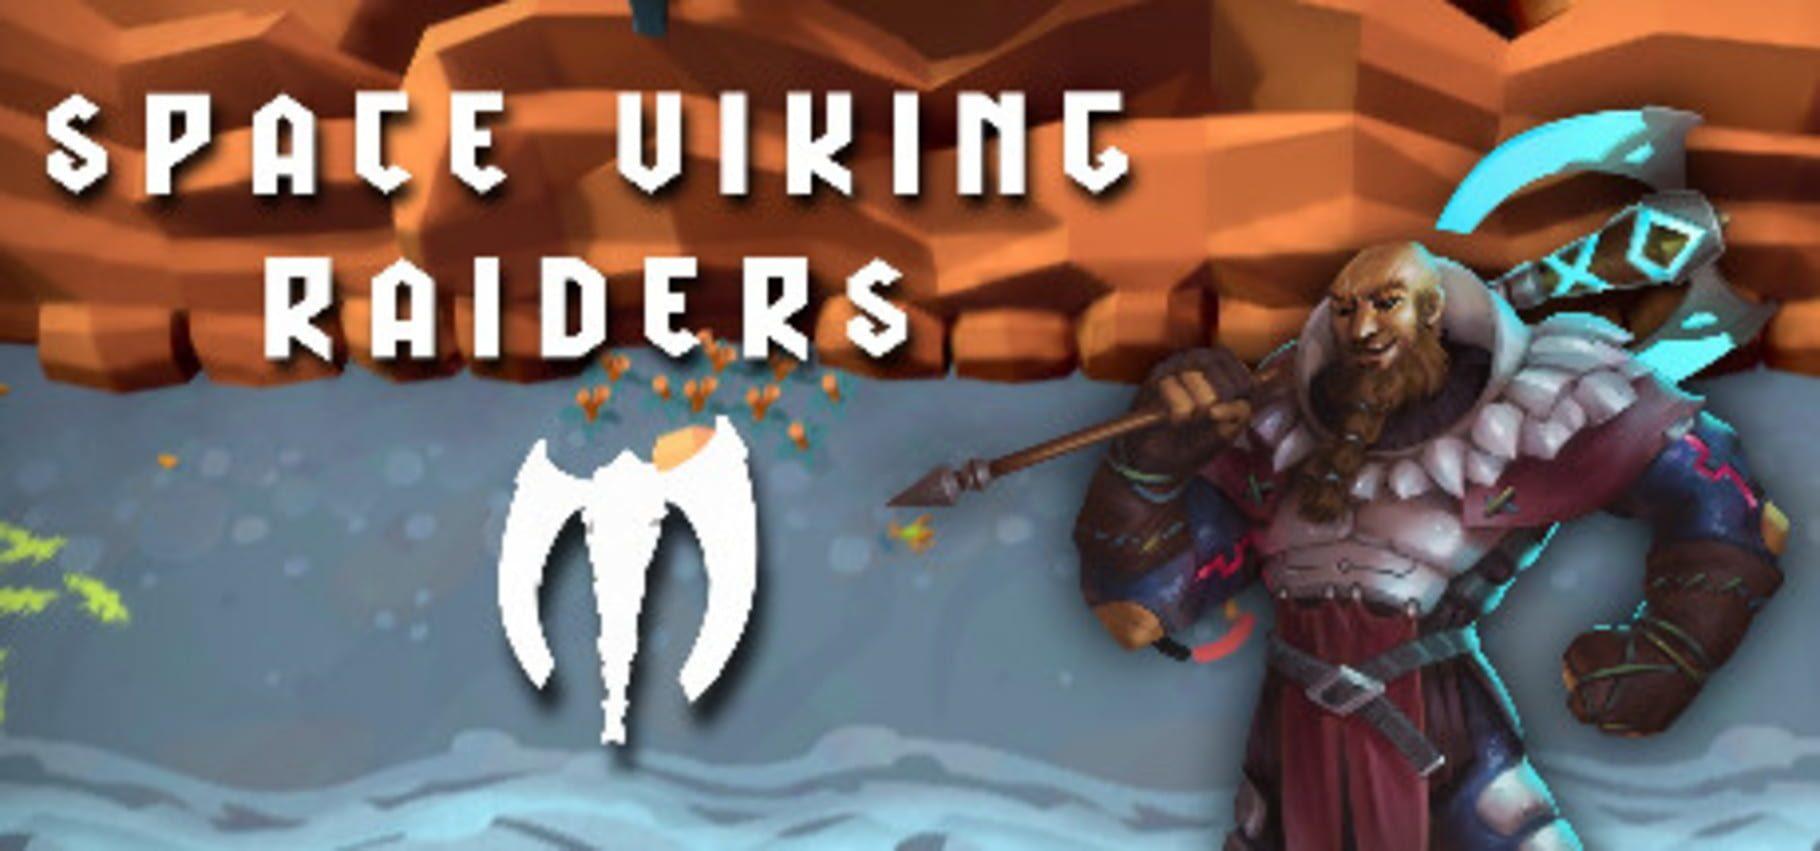 buy Space Viking Raiders cd key for pc platform